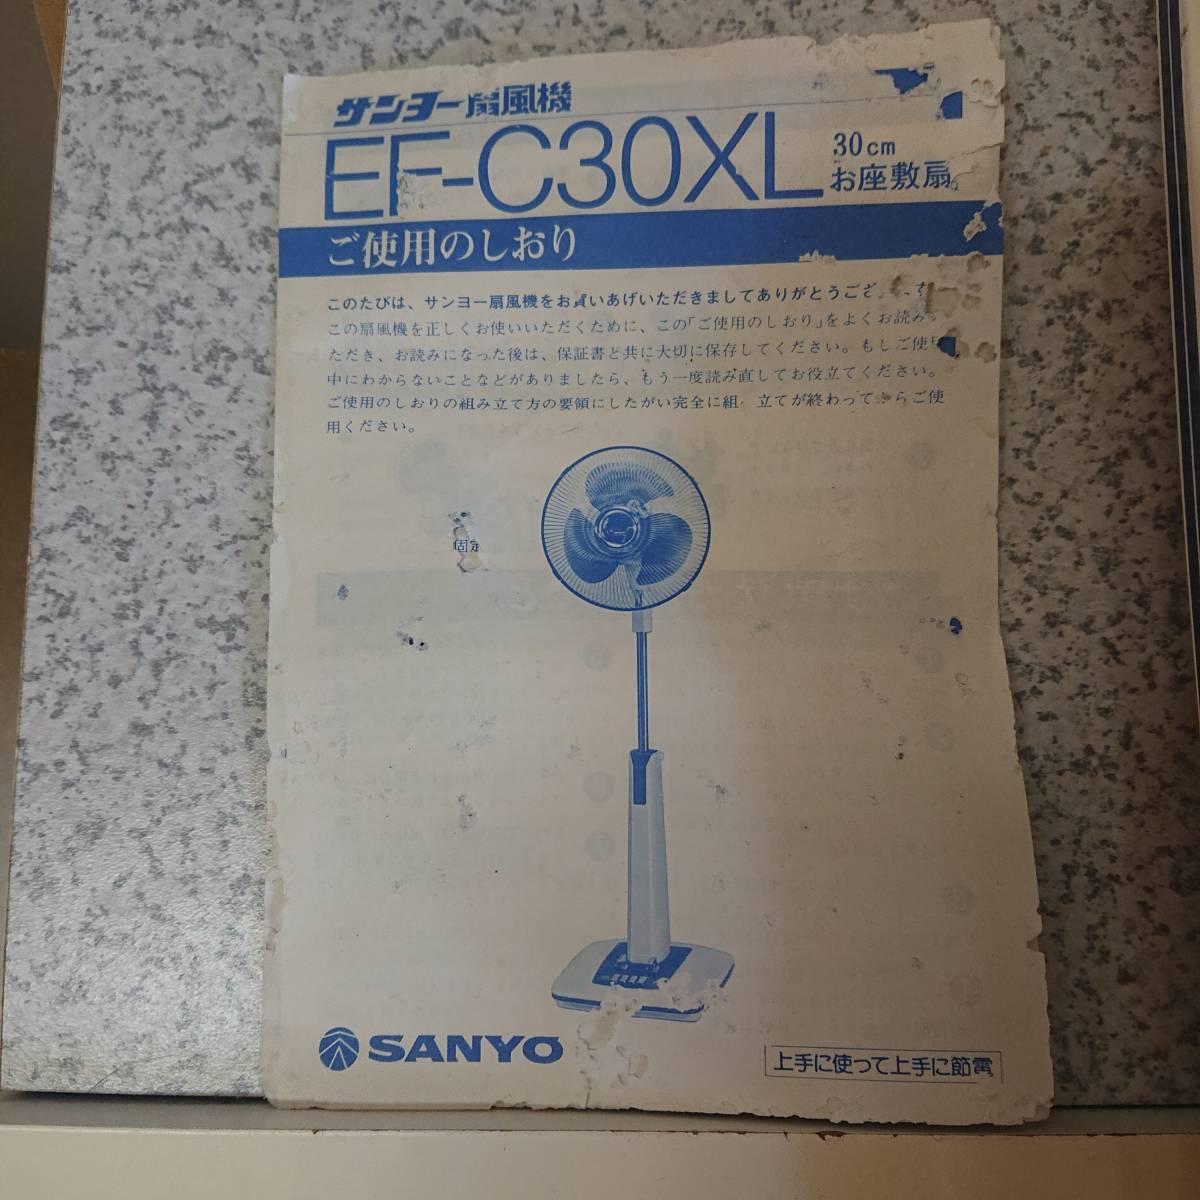 昭和レトロ☆三枚羽SANYOサンヨー 扇風機 ファンEFーC30XL☆動作確認済み 高さ調整付_画像4